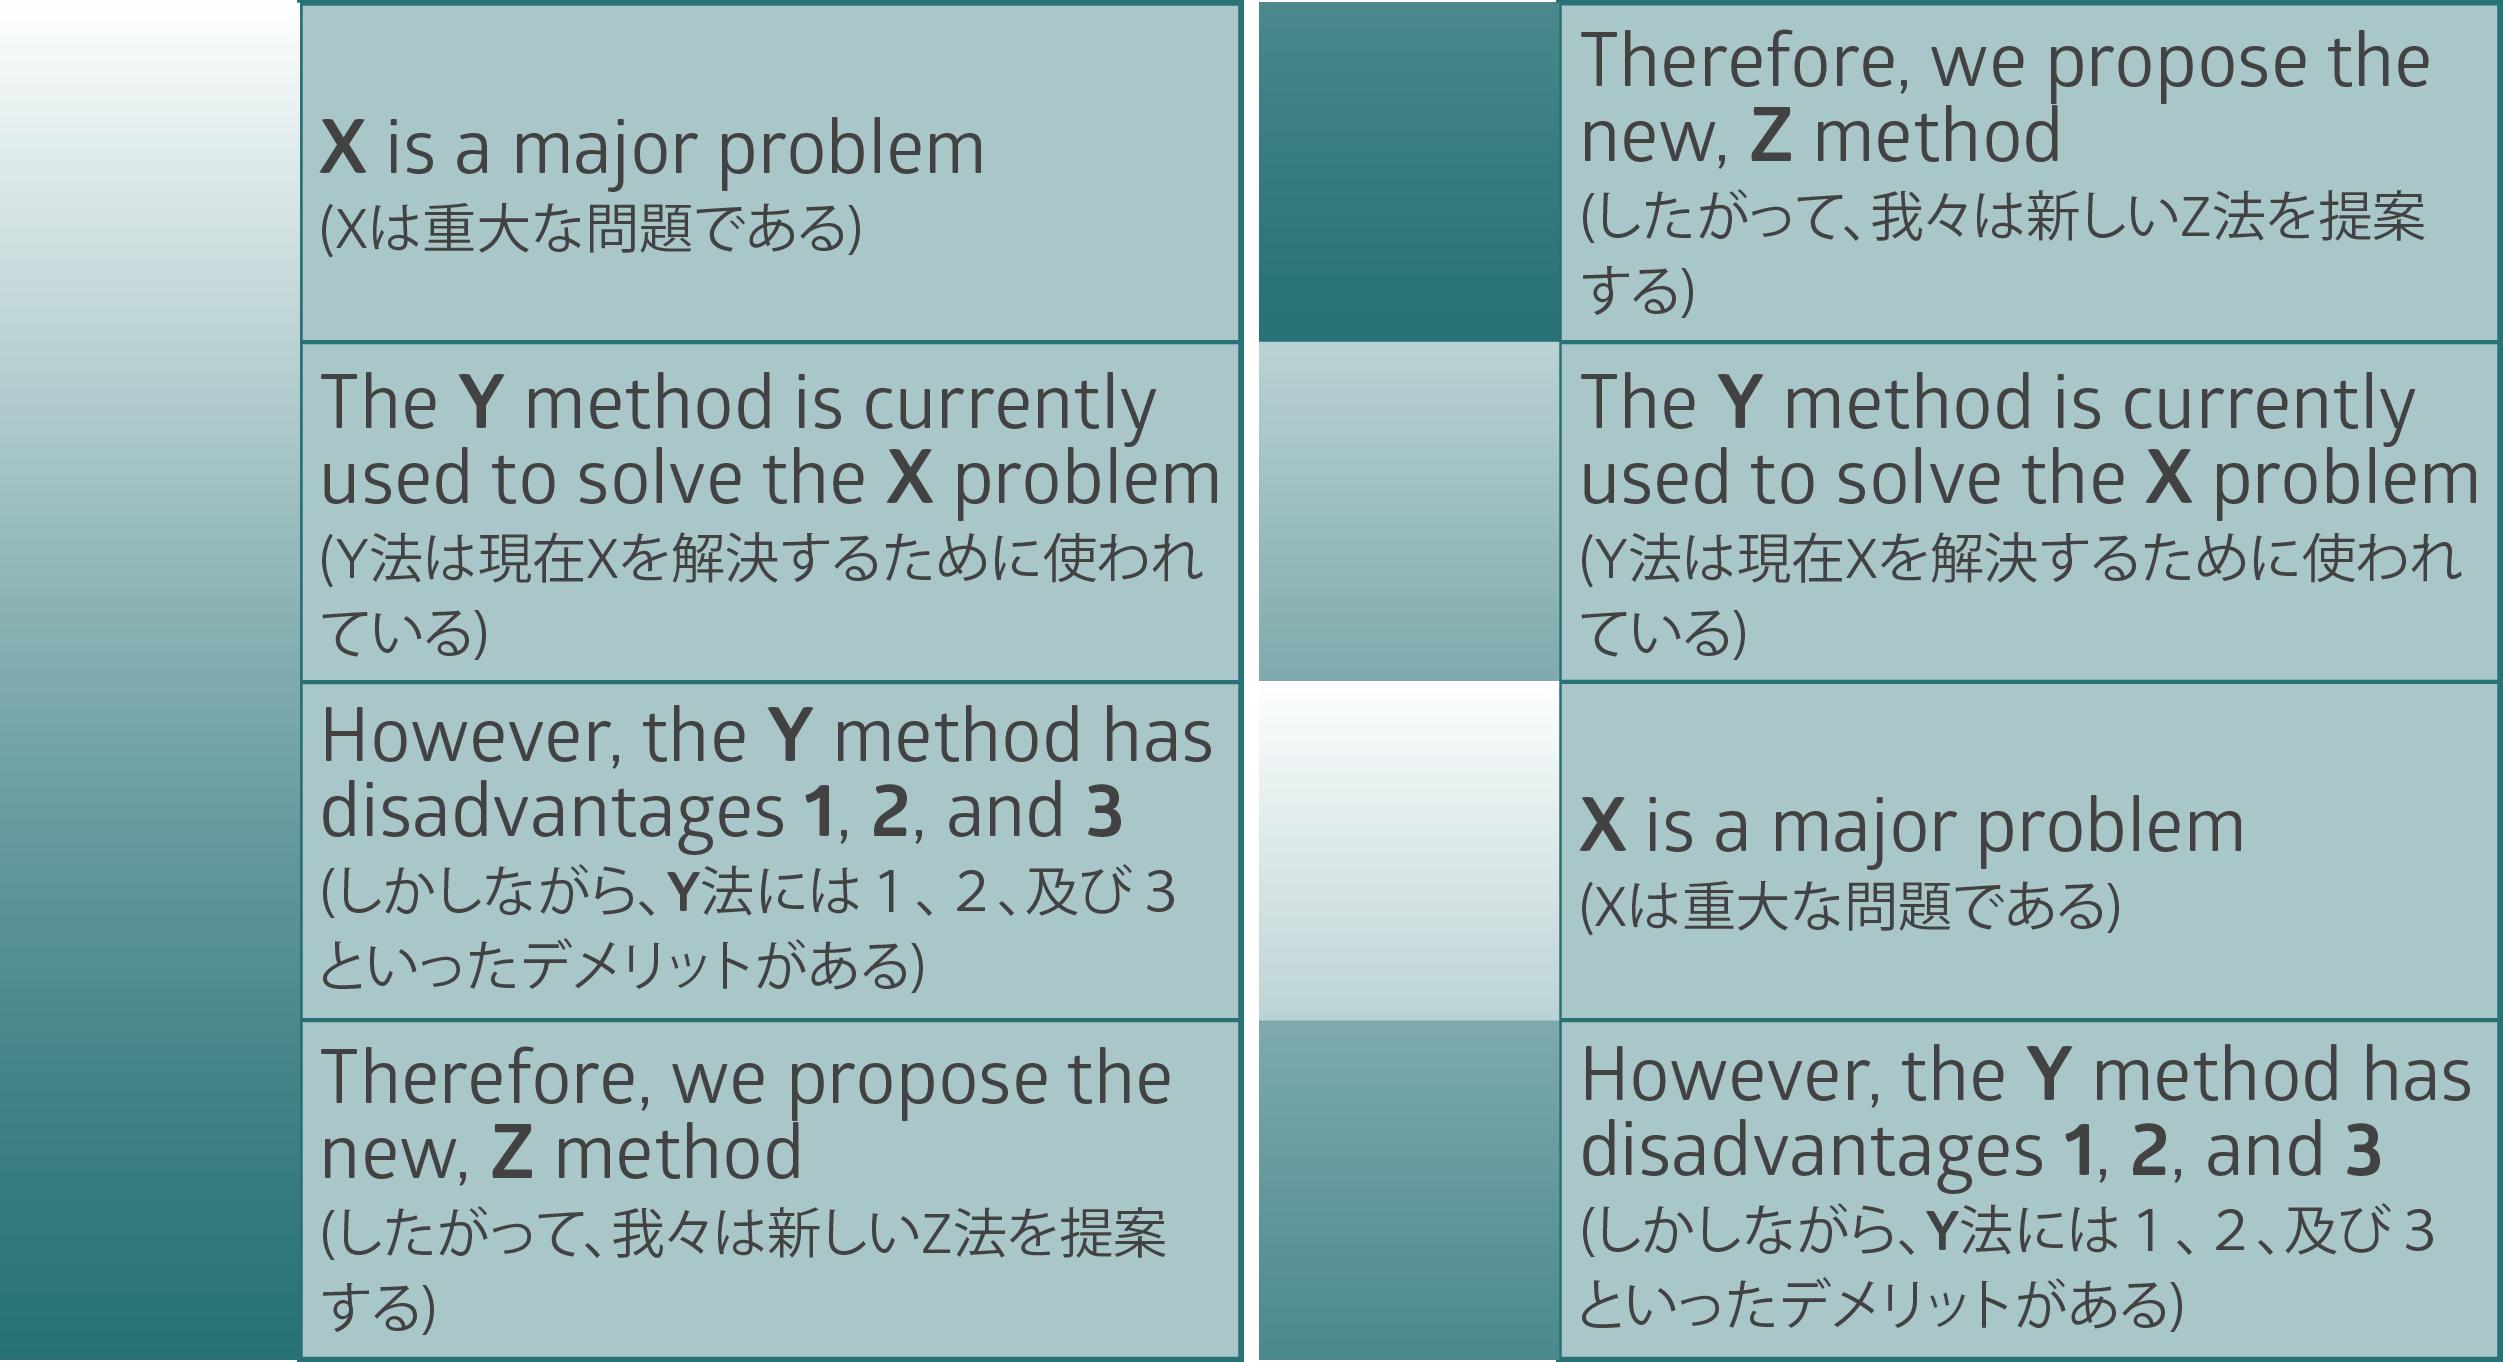 論理的な順序で文章を書く